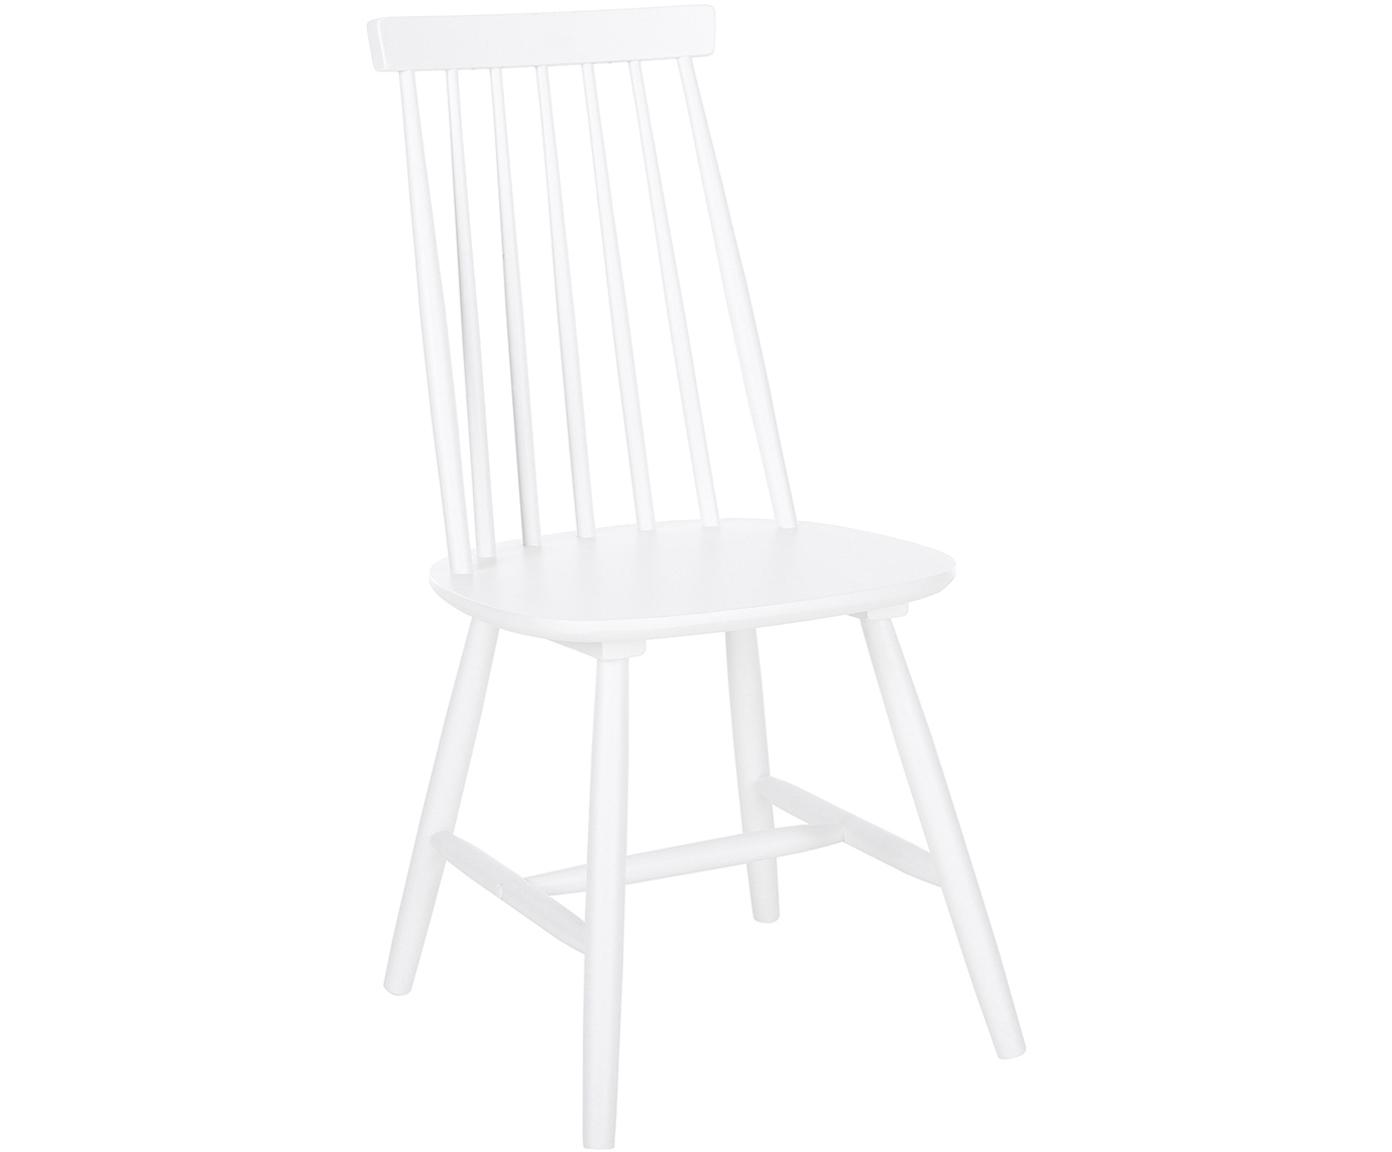 Sedia in legno Milas, 2 pz., Legno di caucciù verniciato, Bianco, Larg. 52 x Prof. 45 cm